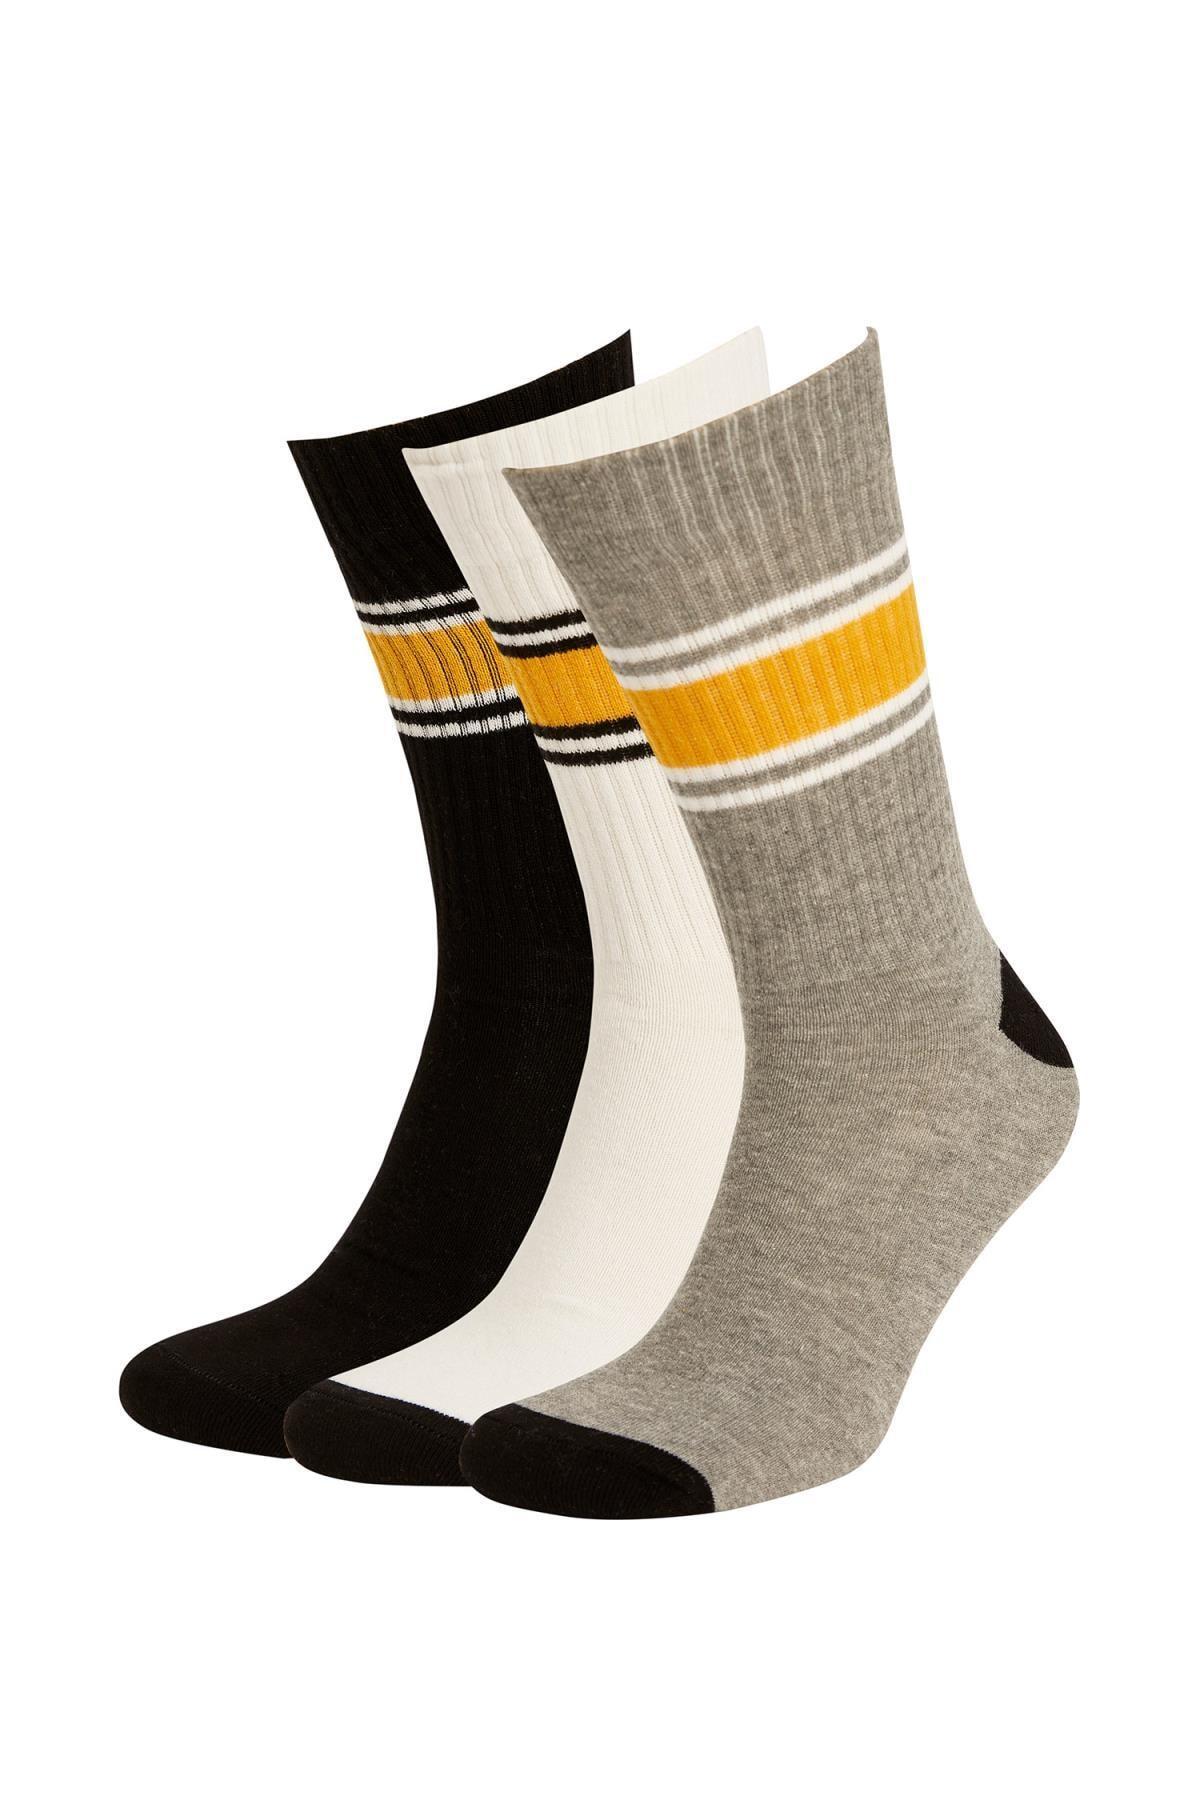 DeFacto Erkek Çok Renkli Desenli 3'Lü Uzun Soket Tenis Çorabı R7996AZ21AUKR